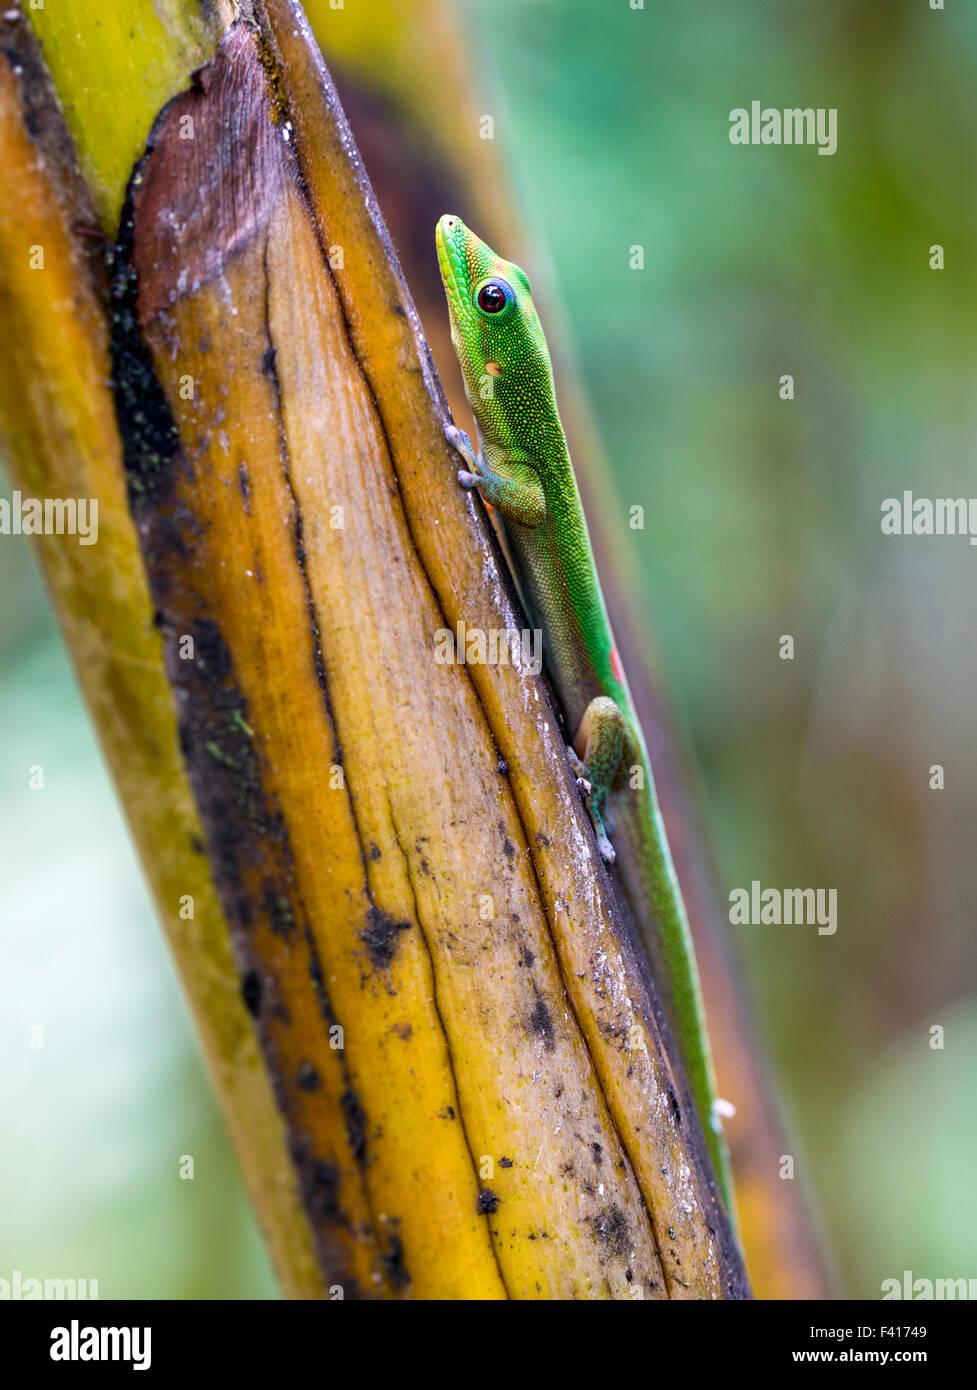 Madagascar giorno gecko; Phelsuma madagascariensis madagascariensis; Hawai'i Tropicale Giardino Botanico Nature Immagini Stock